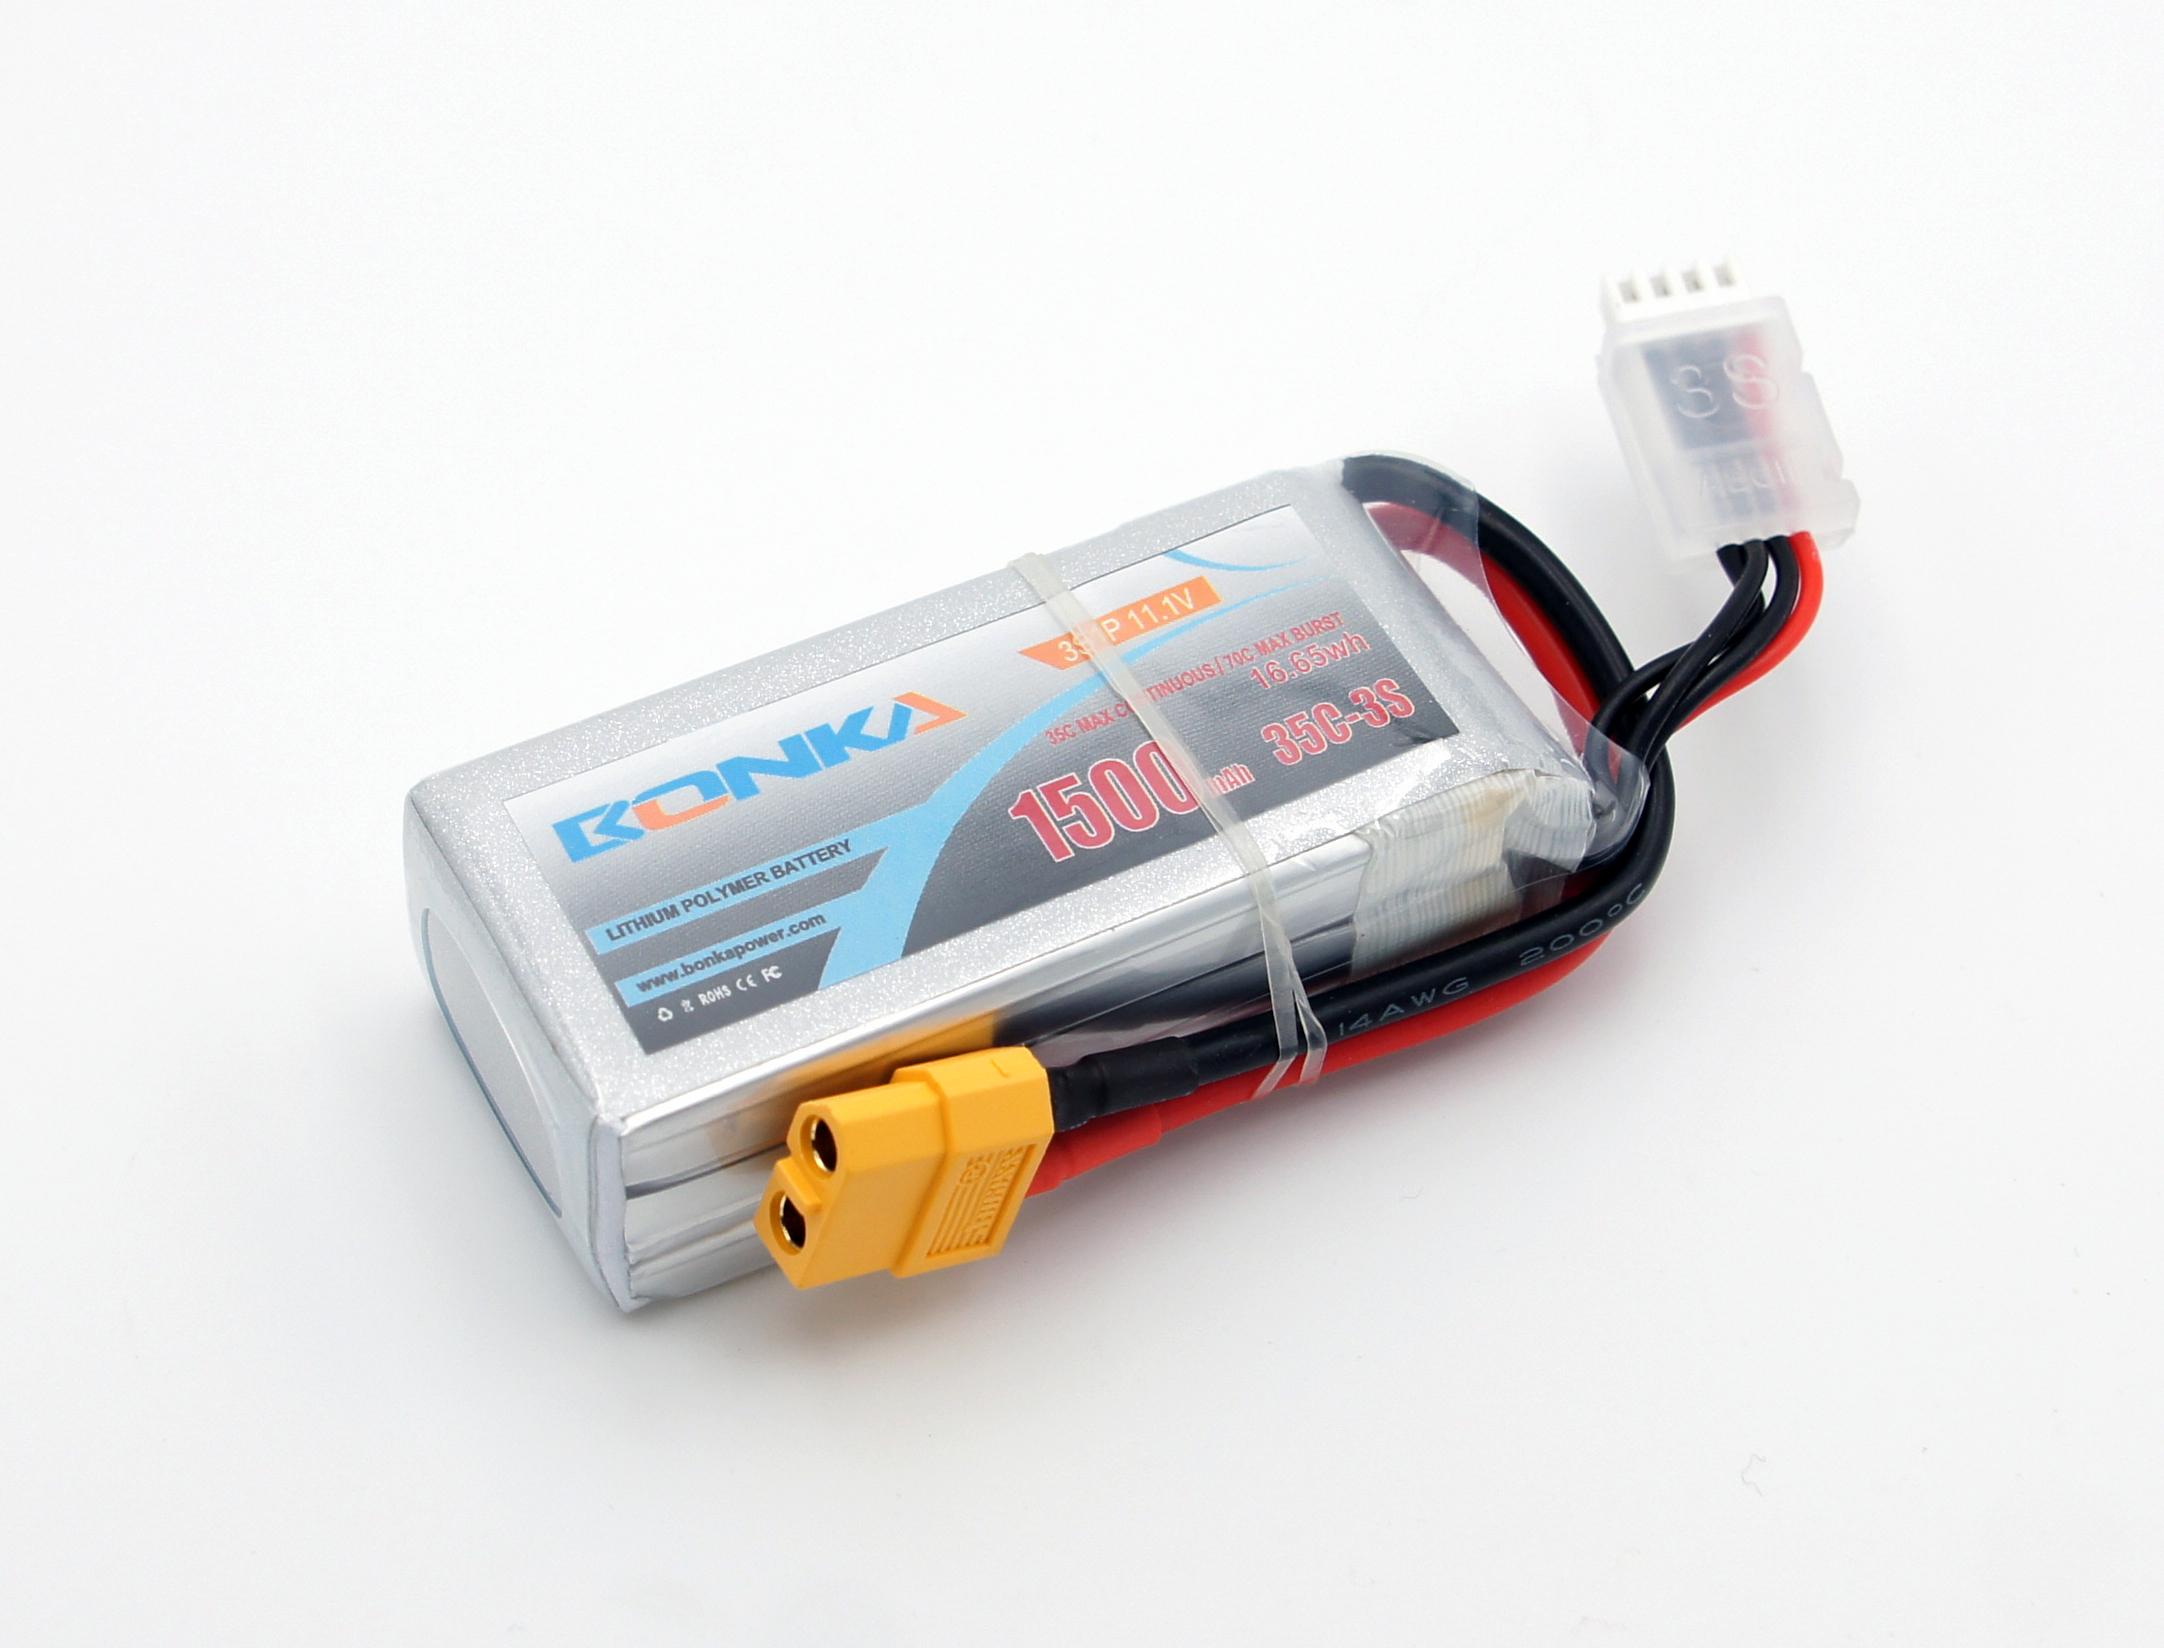 Силовой аккумулятор Bonka 1500мА/час 3S 11.1В 35C